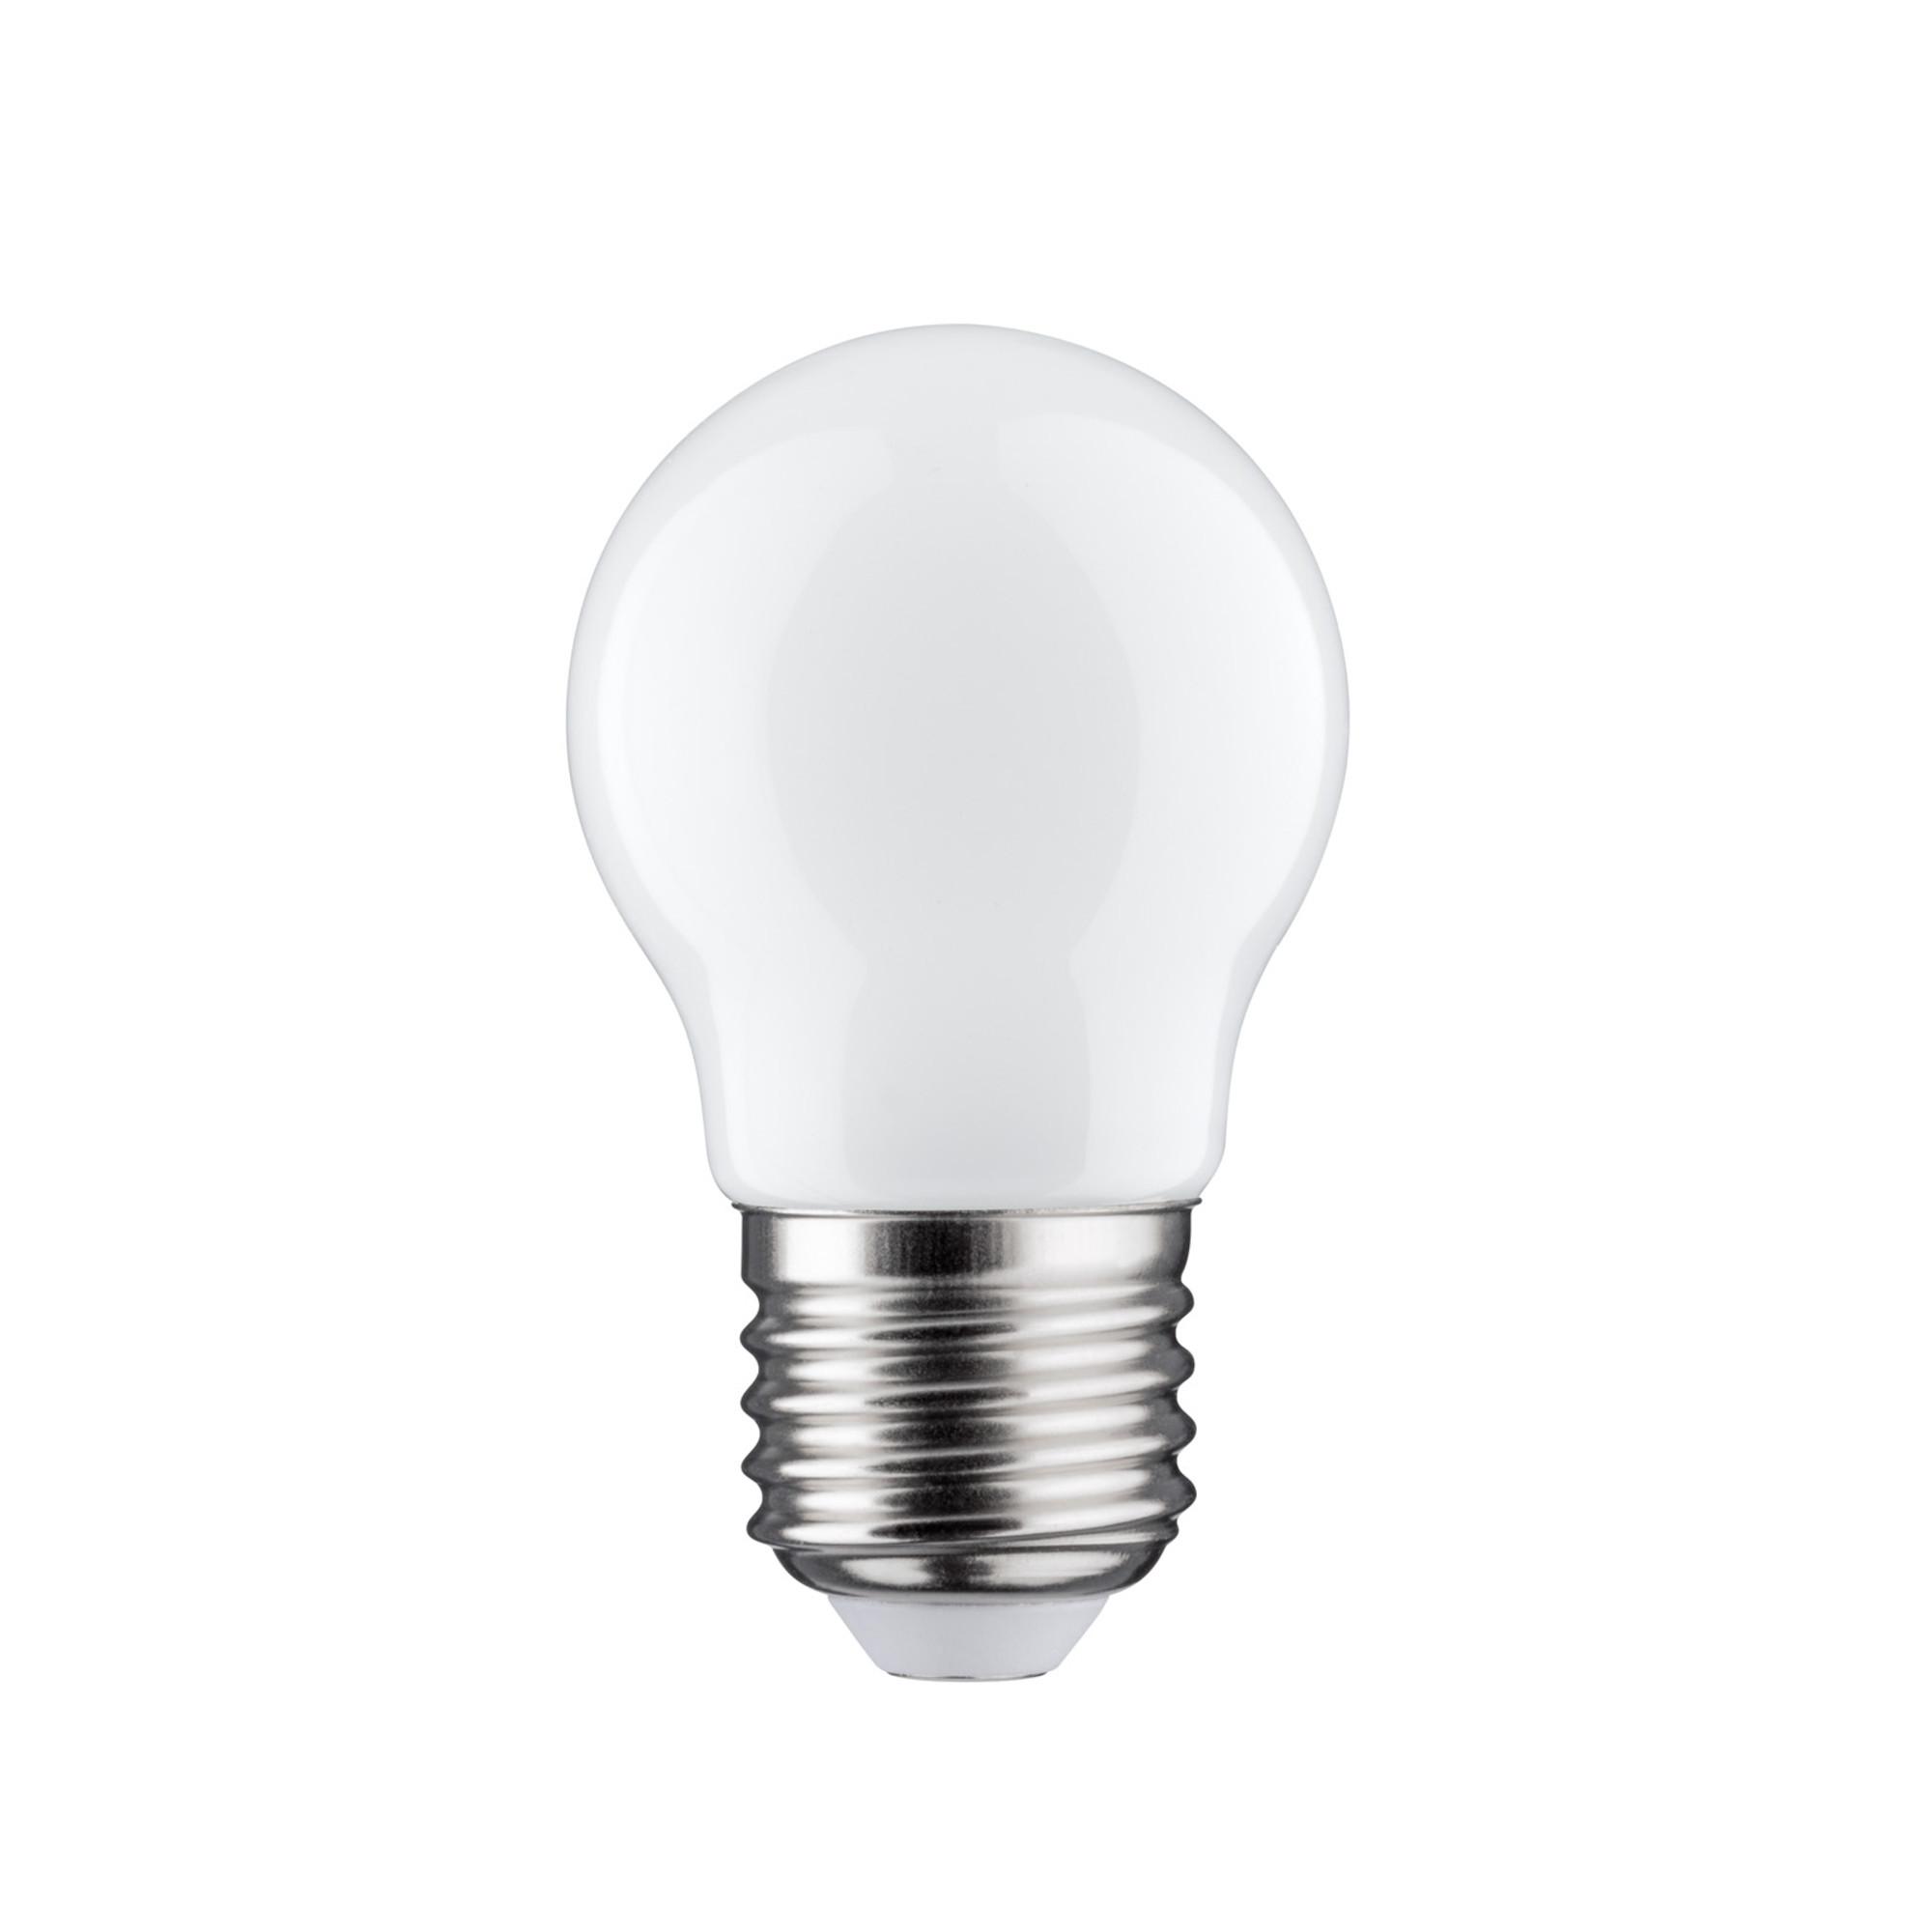 Лампа Paulmann 28333 E27 220 Лм теплый свет